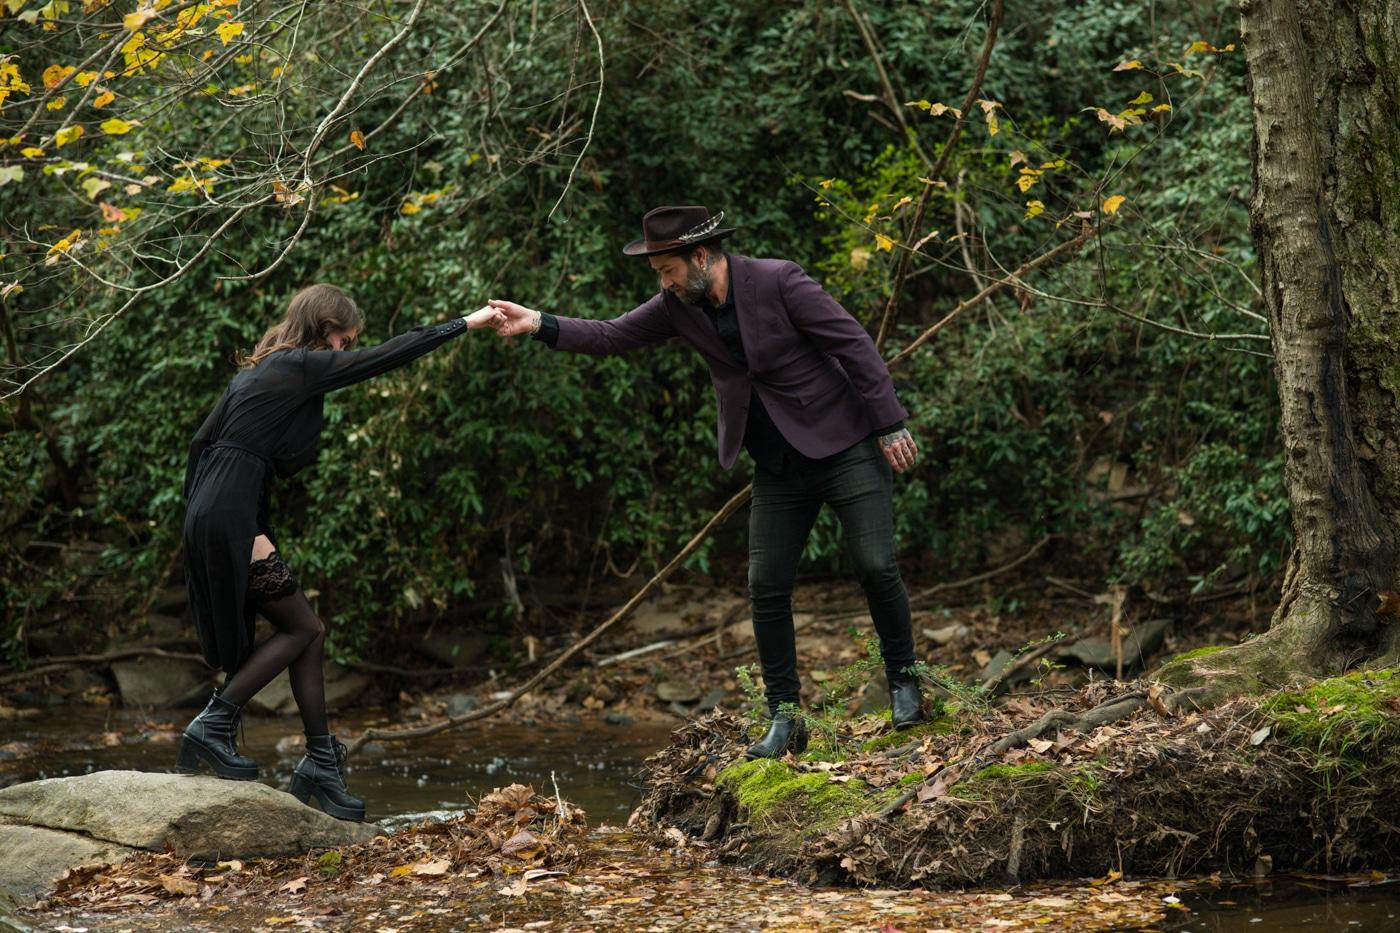 man helps girlfriend over rocks in backyard